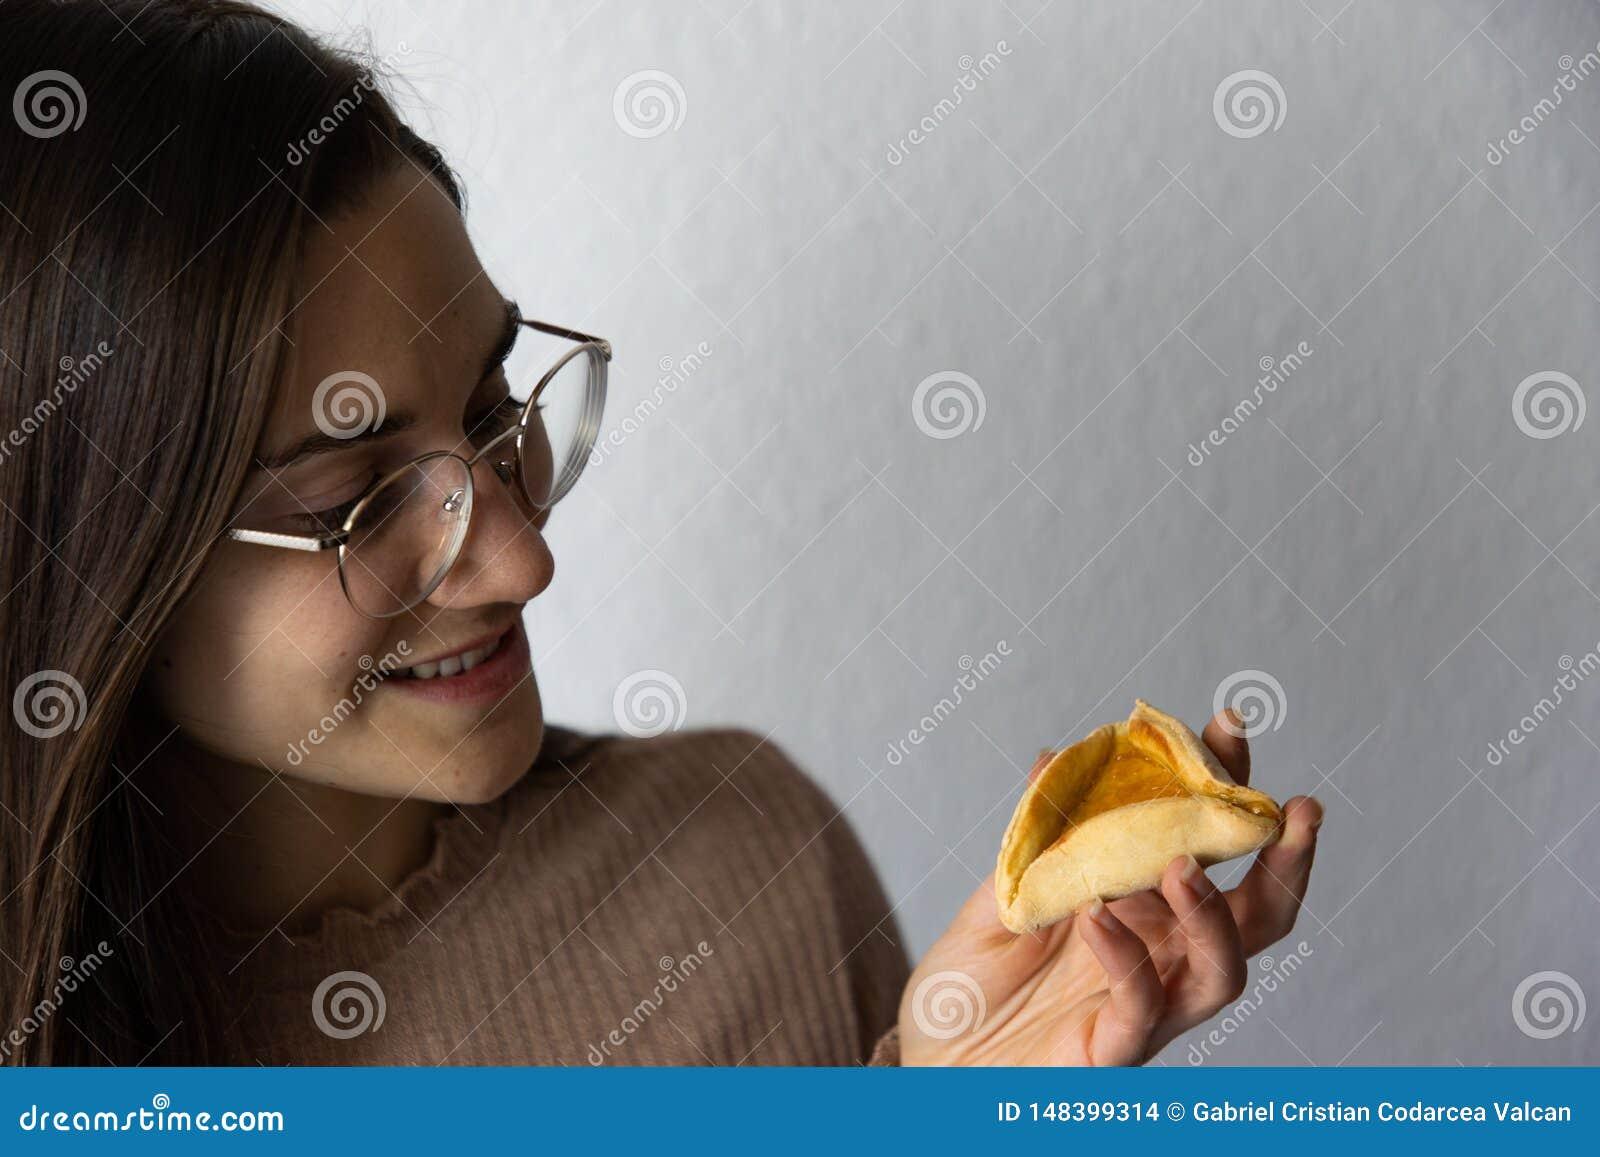 吃hamantash普珥节杏子曲奇饼的美丽和愉快的妇女画象